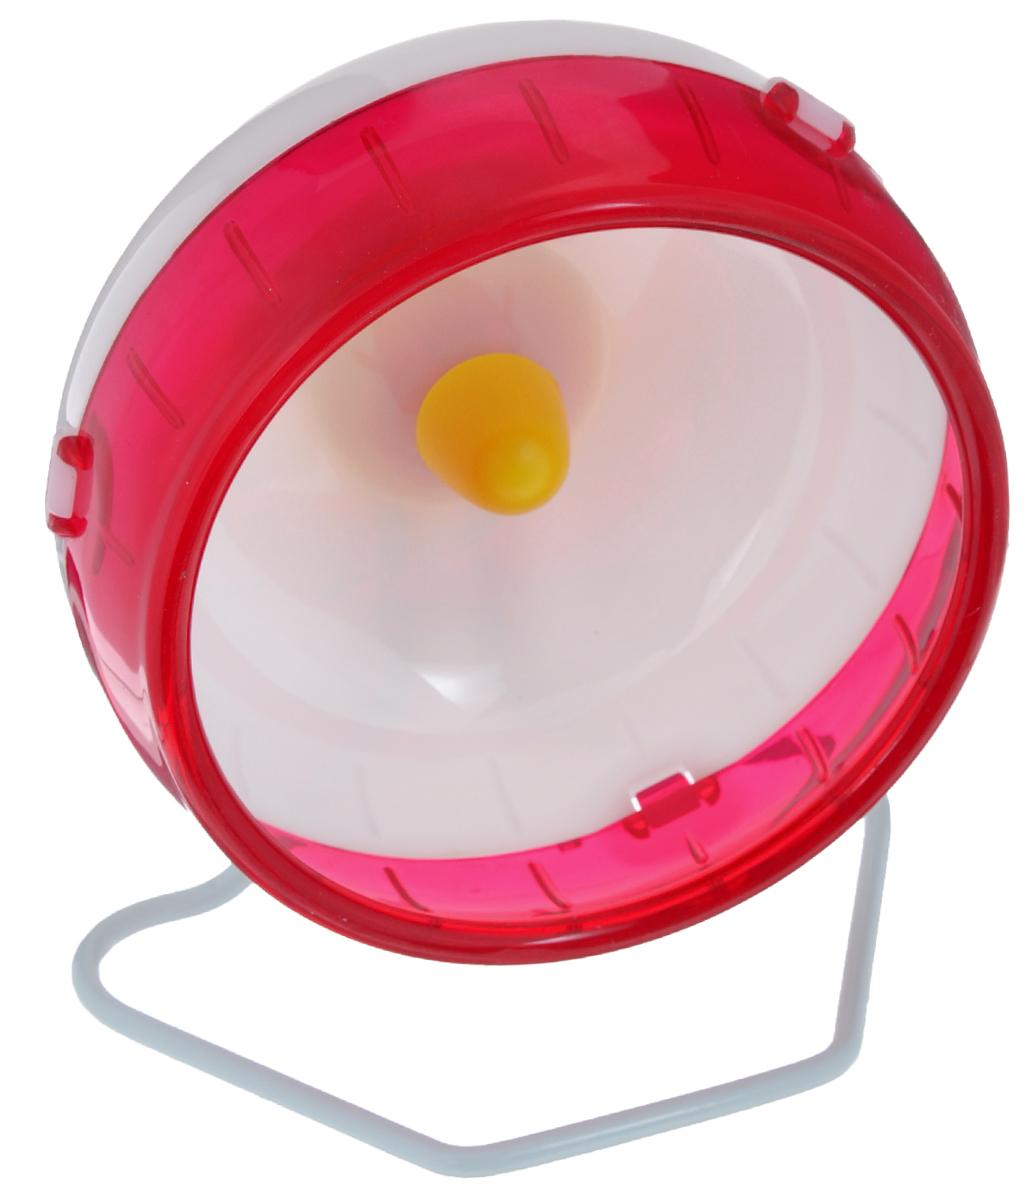 Колесо для грызунов I.P.T.S., цвет: белый, красный, диаметр 12 см0120710Колесо для грызунов I.P.T.S., выполненное из прочного пластик и металла, очень удобное и бесшумное, с высоким уровнем безопасности. Поместив его в клетку, вы обеспечите своему питомцу необходимую физическую активность. Сплошная внутренняя поверхность без щелей убережет хомячка от возможных травм. Можно установить на подставку или прикрепить к решетке. Предназначено для карликовых хомяков и мышей. Диаметр колеса: 12 см.